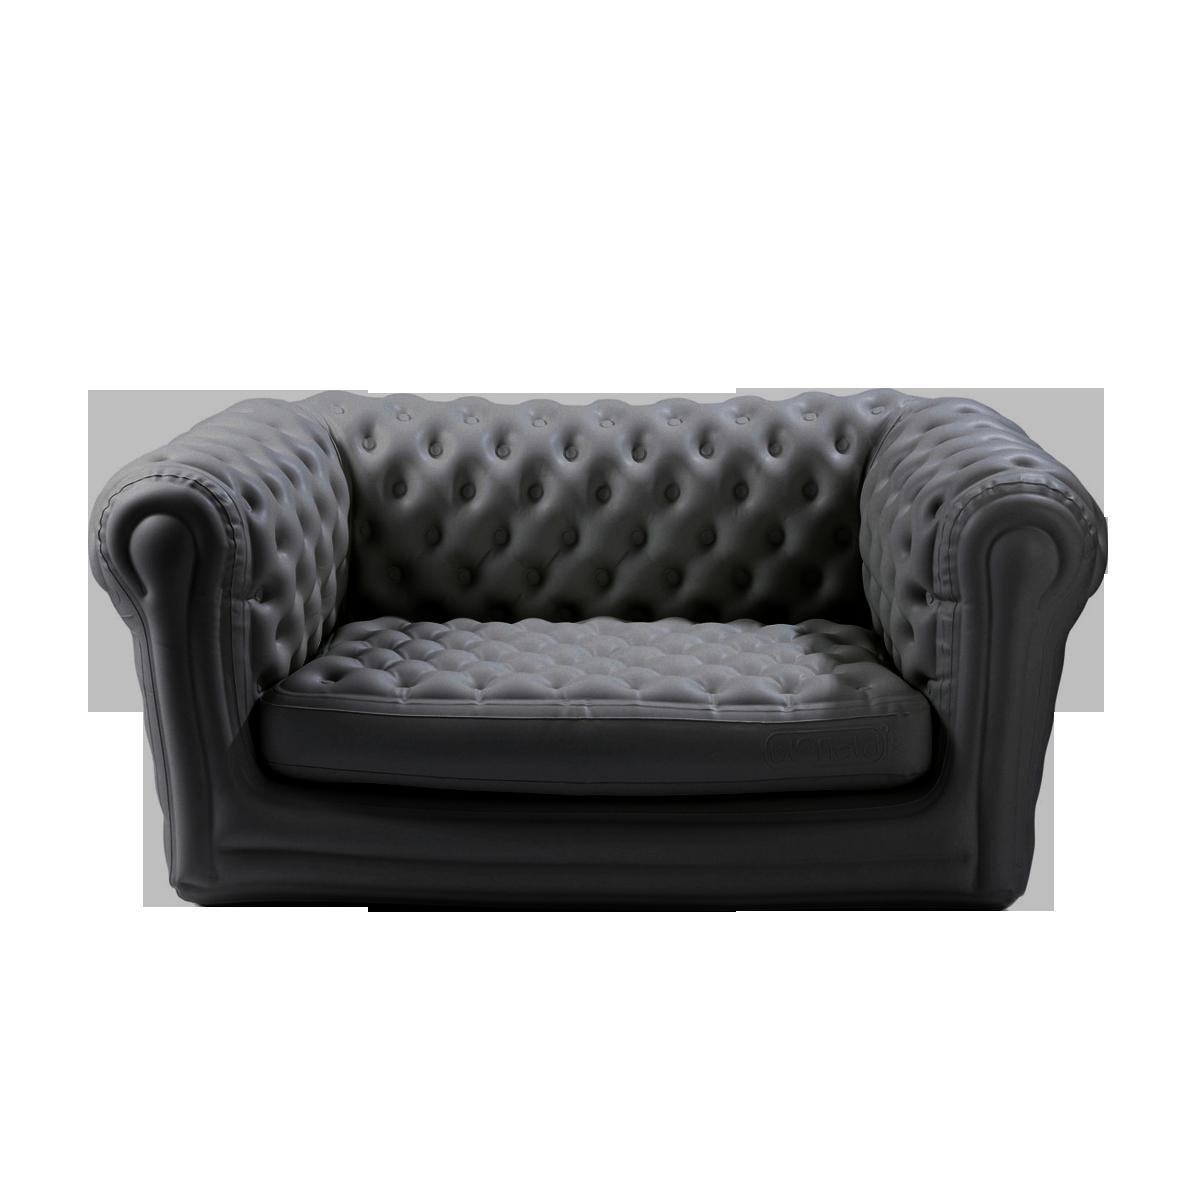 Big blo 2 hinchable gris comprar online for Muebles hinchables